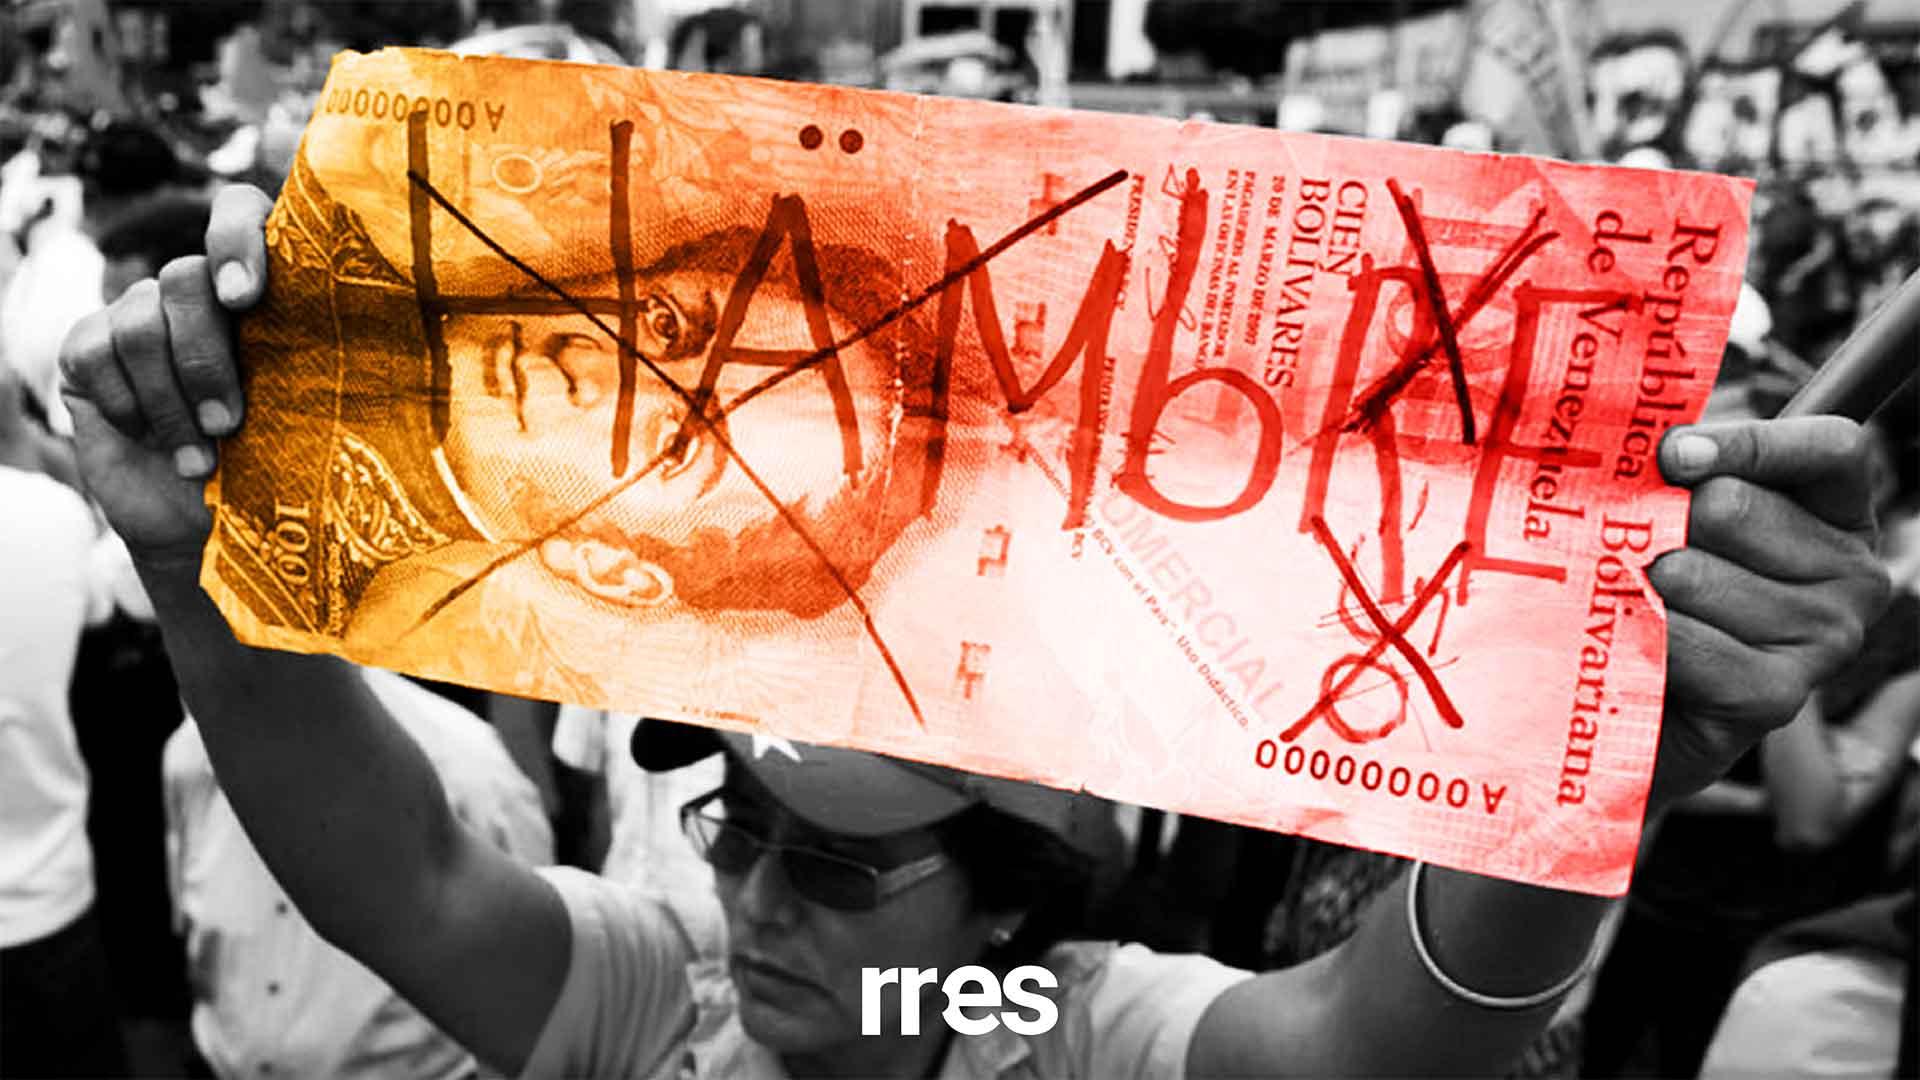 El hambre como combustible de la protesta laboral, por Froilan Barrios Nieves*